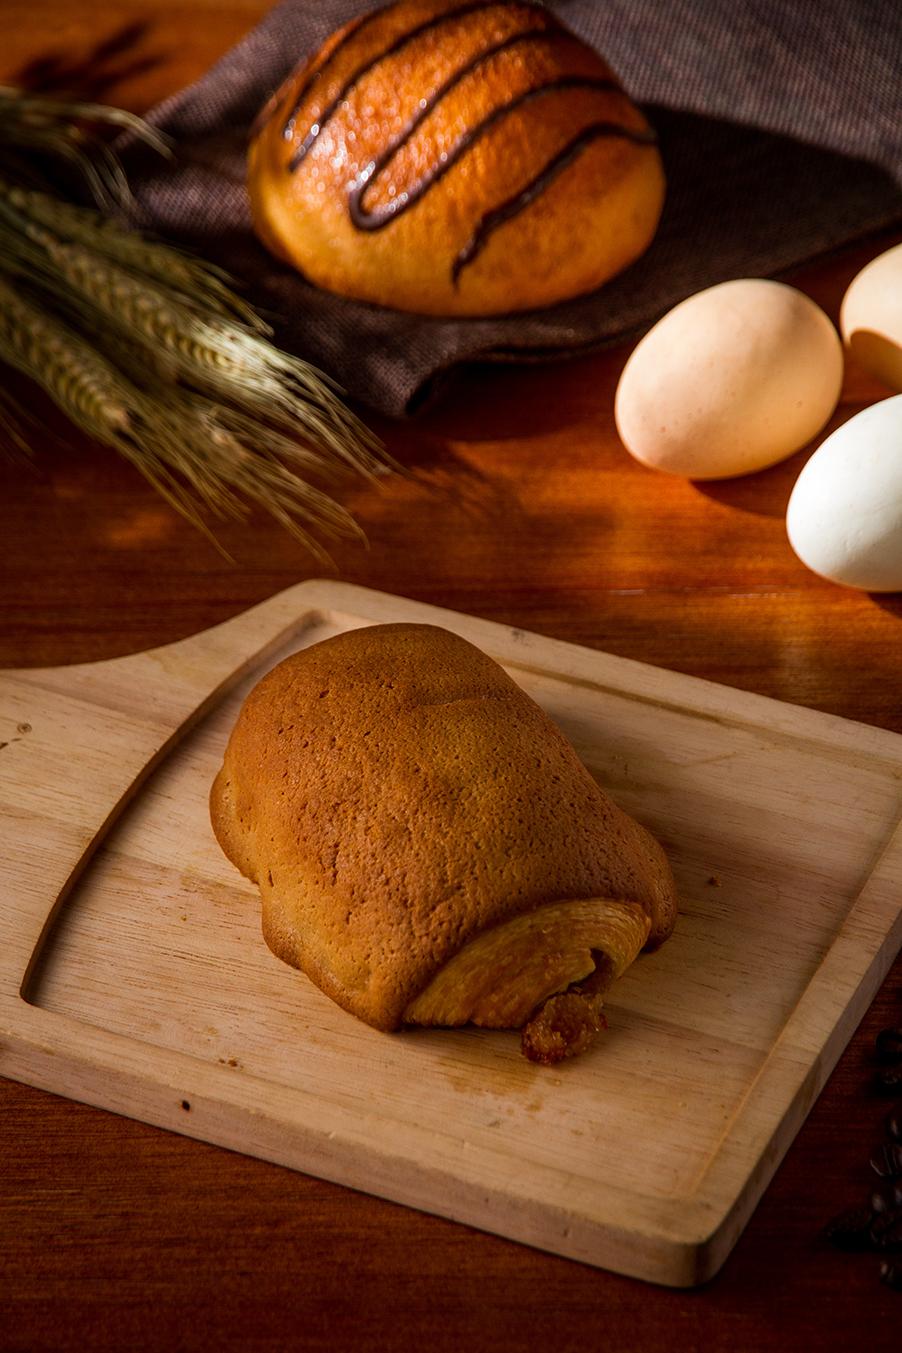 面包连锁品牌首选帕帕罗蒂,带您走上致富道路!